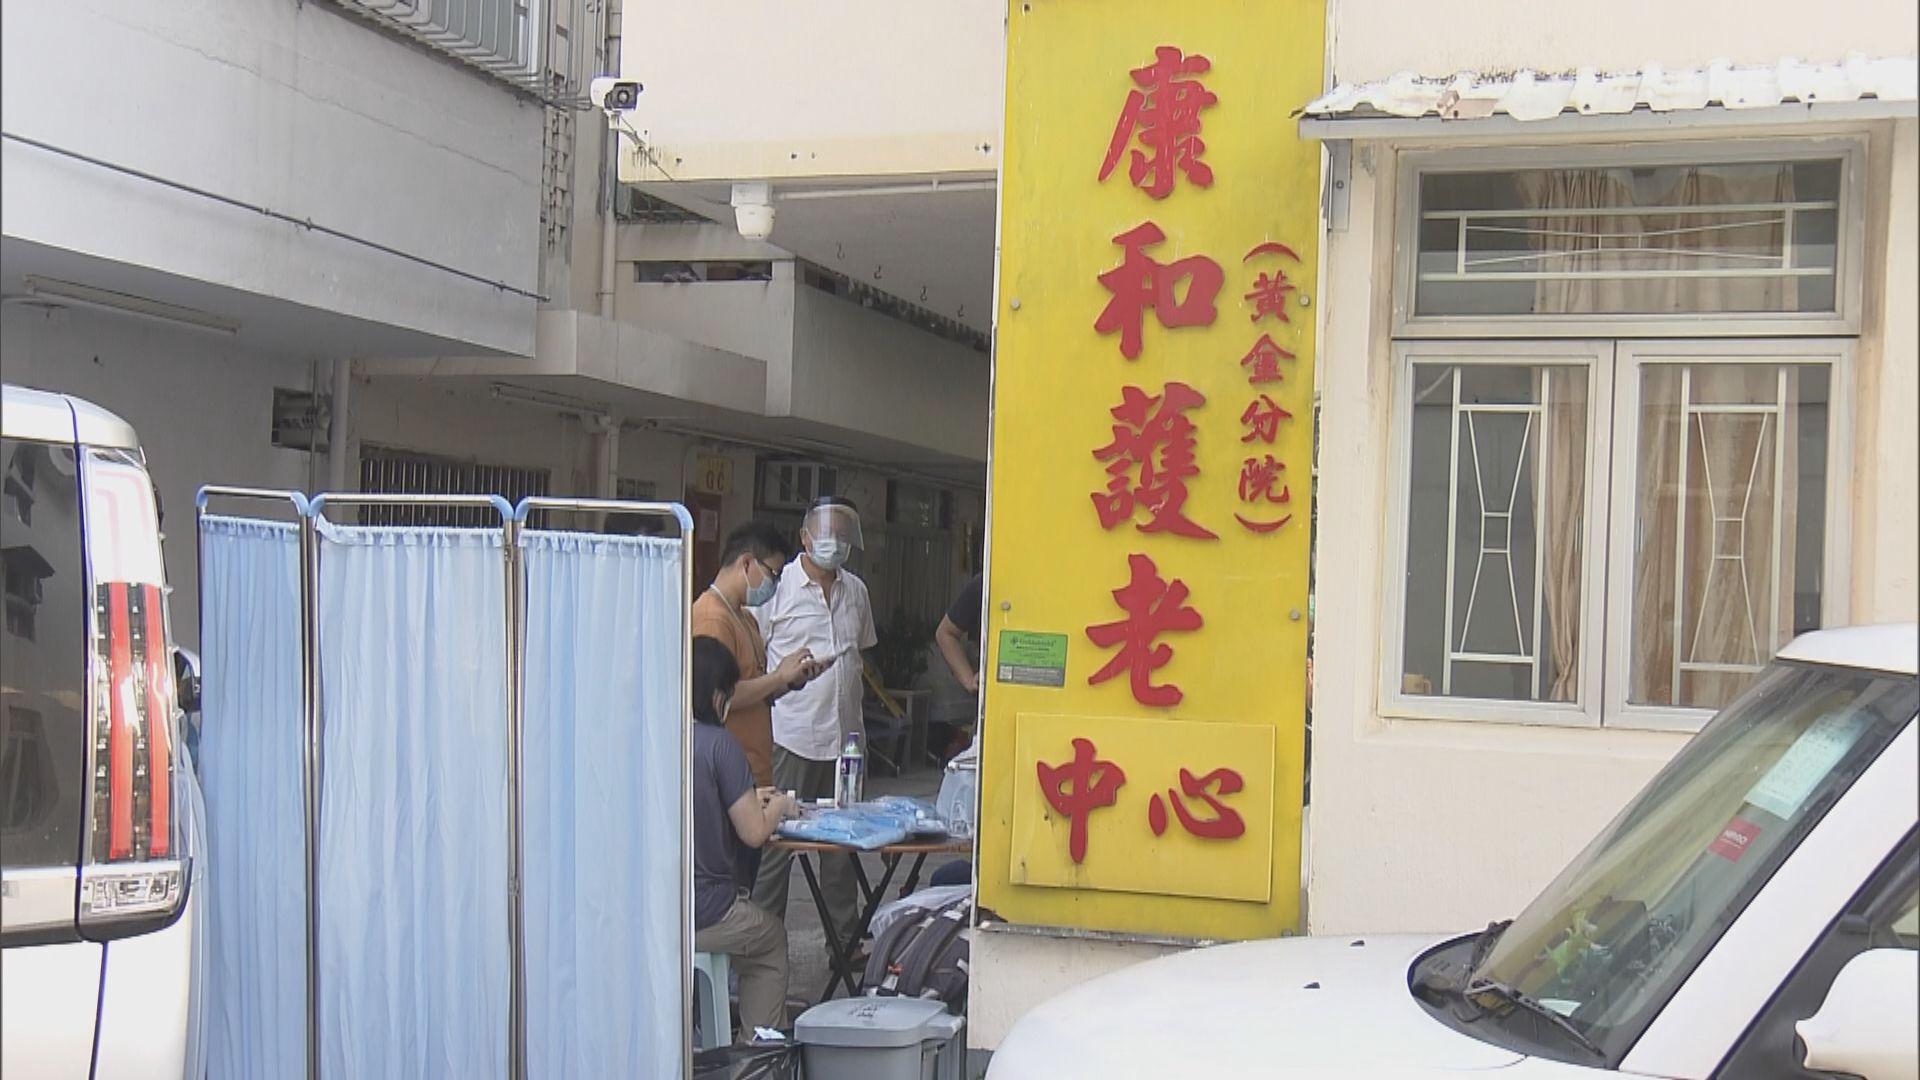 院舍及護老院相關確診個案增 慈雲山照顧員發病前曾上門探訪長者